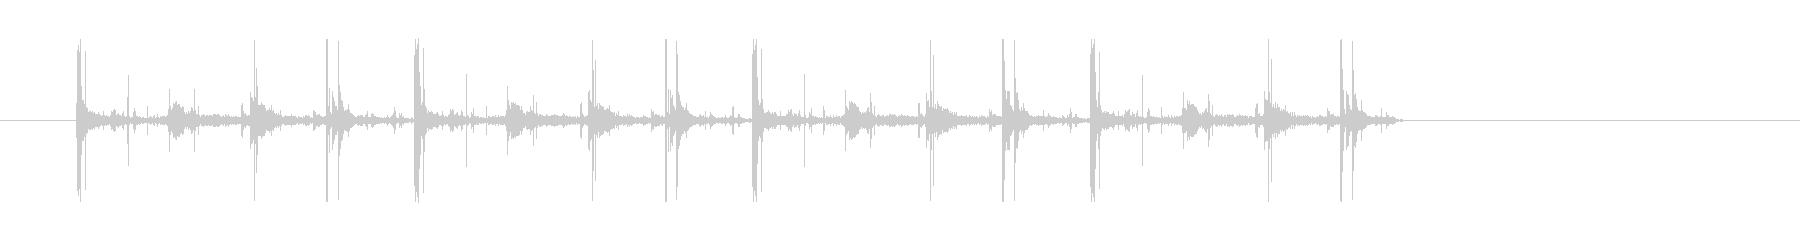 ワンショットFXの未再生の波形